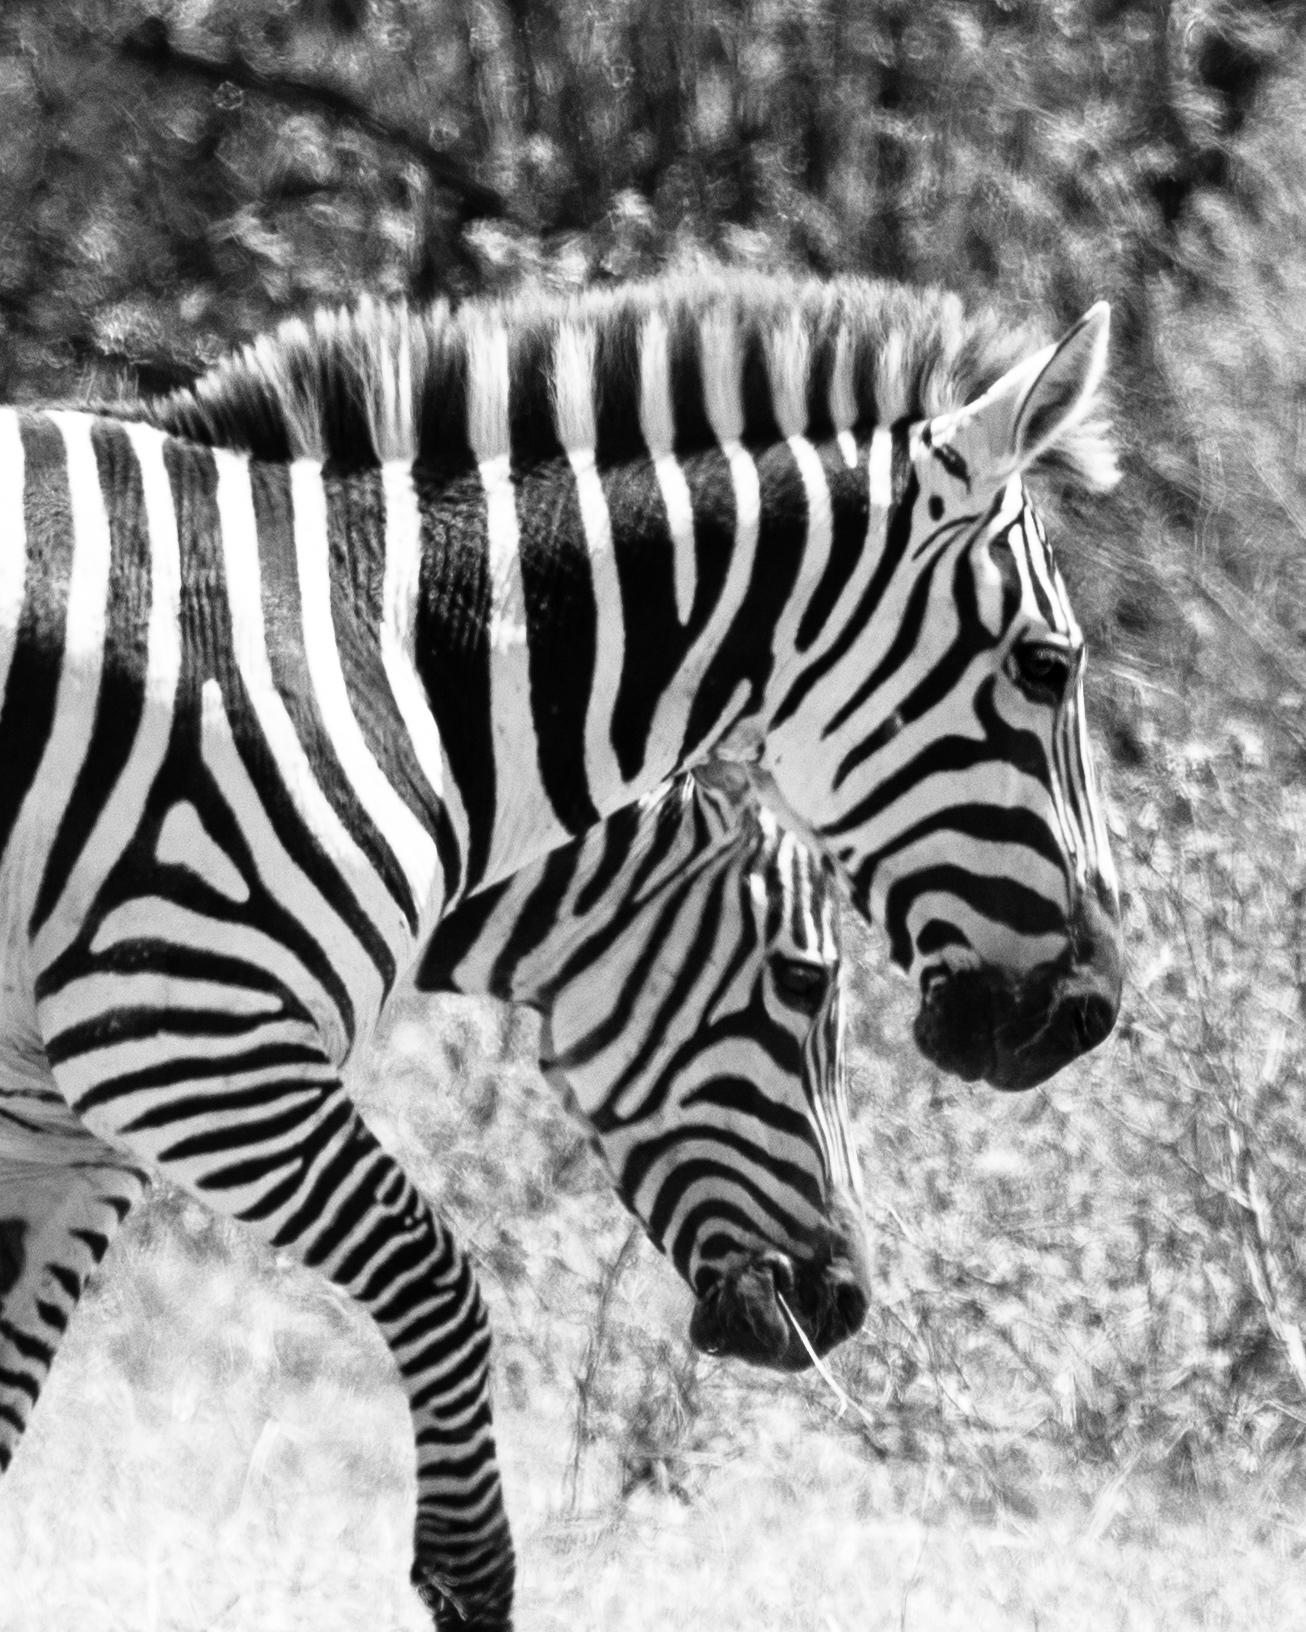 Zebra in our camp